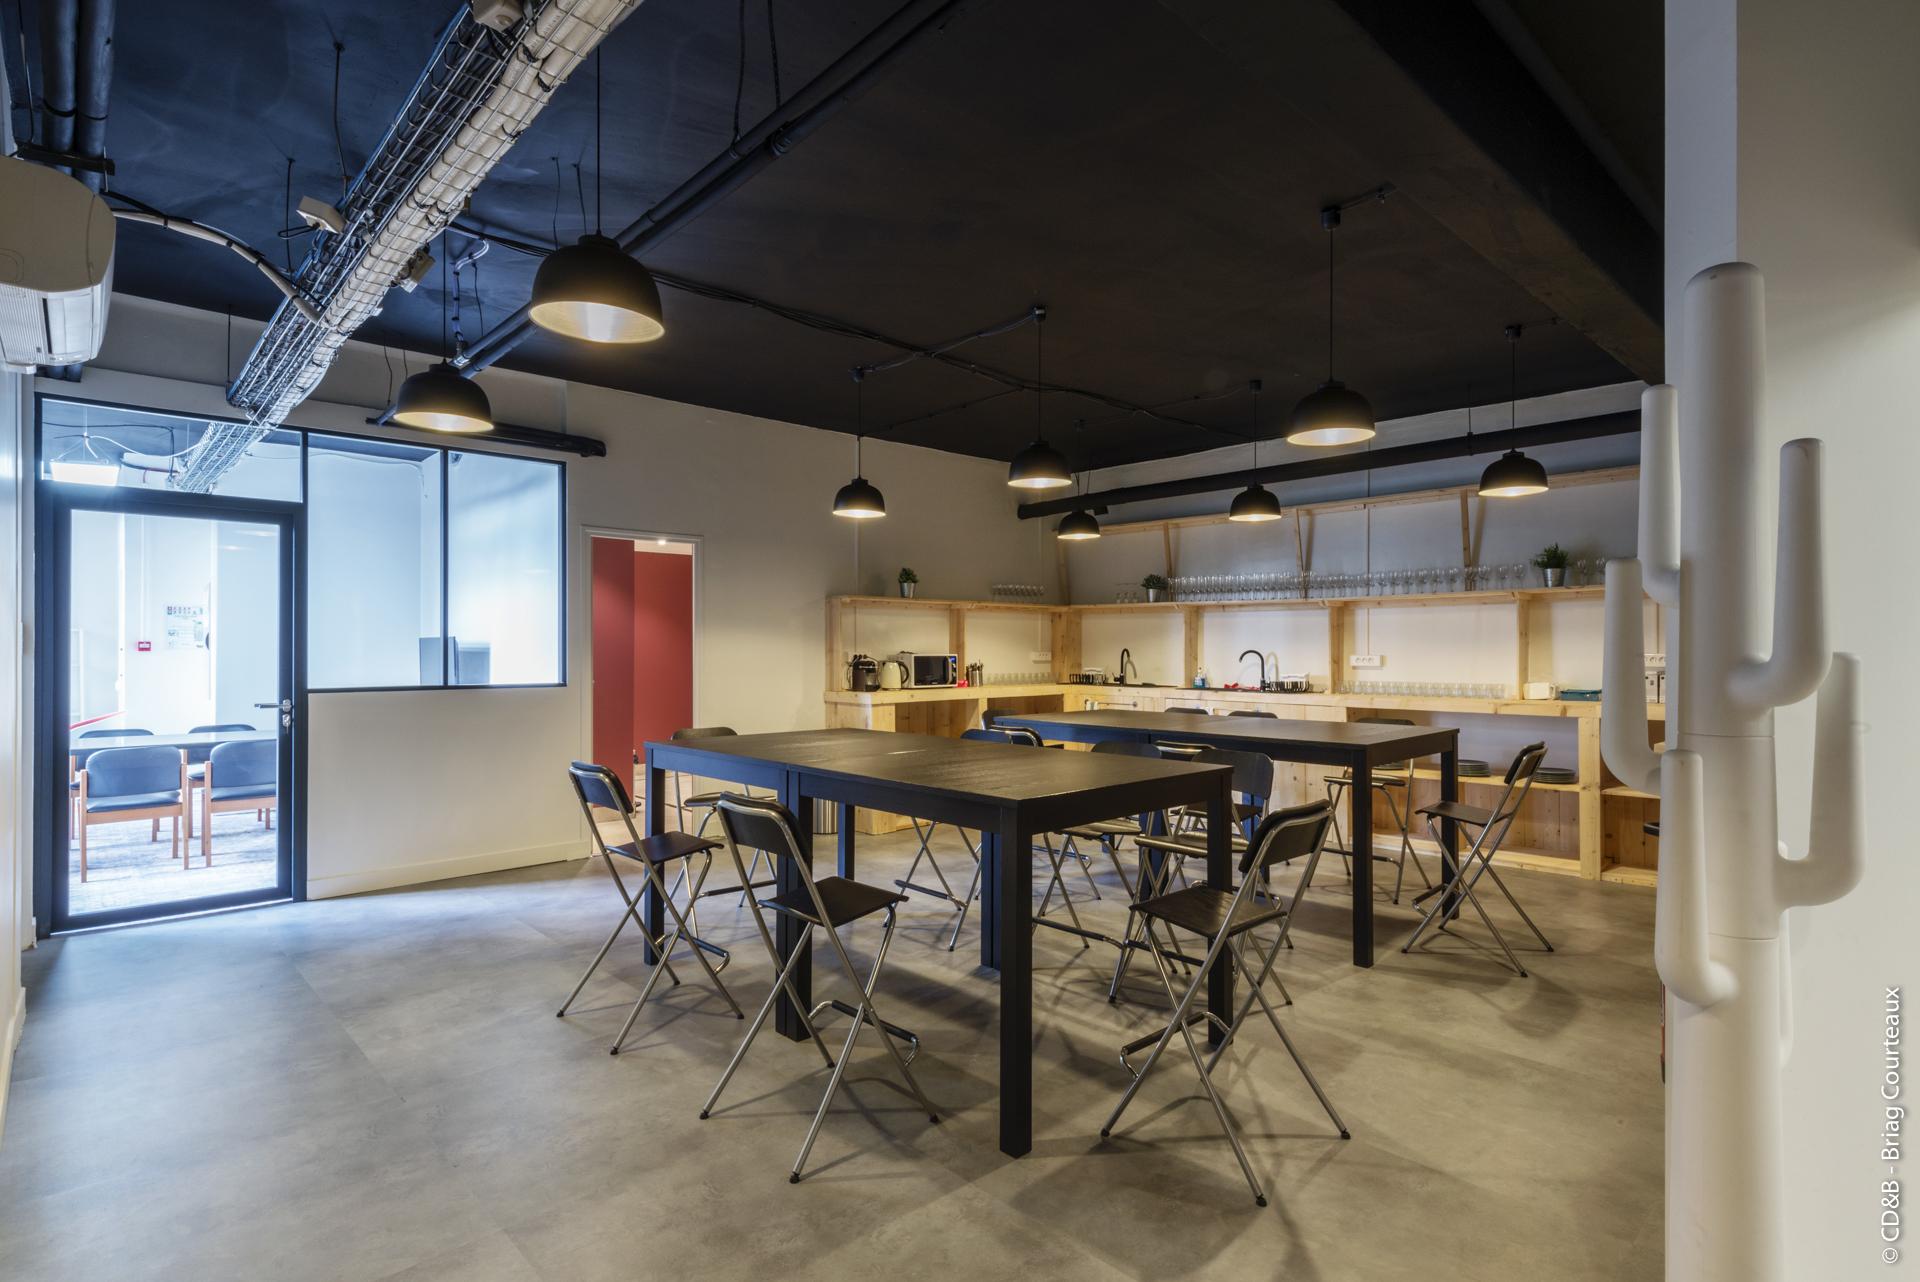 Conseil, aménagement, conception et réalisation des espaces de travail chez Startway par CDB, Meet you there.